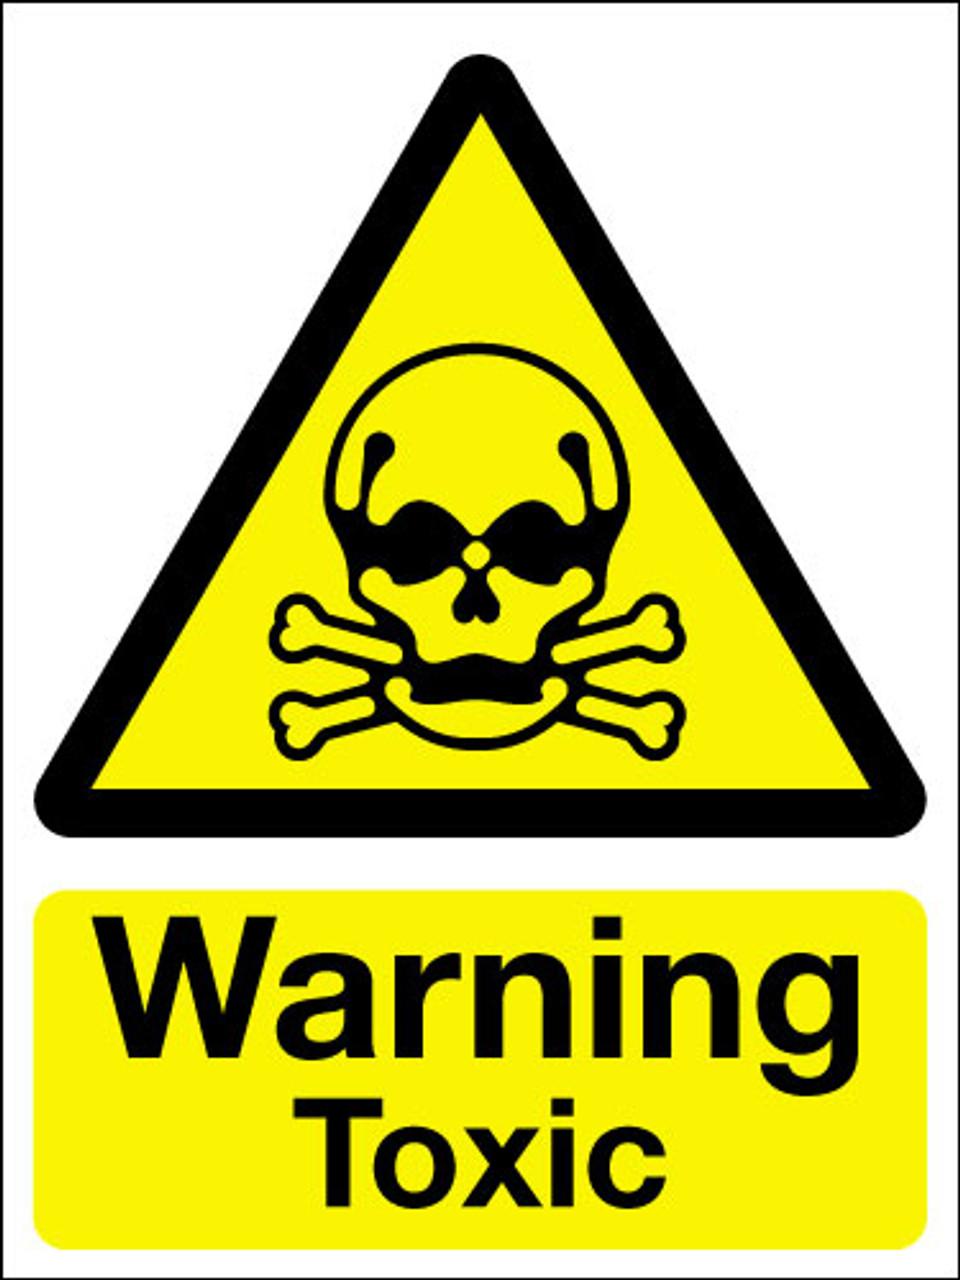 Warning toxic sign